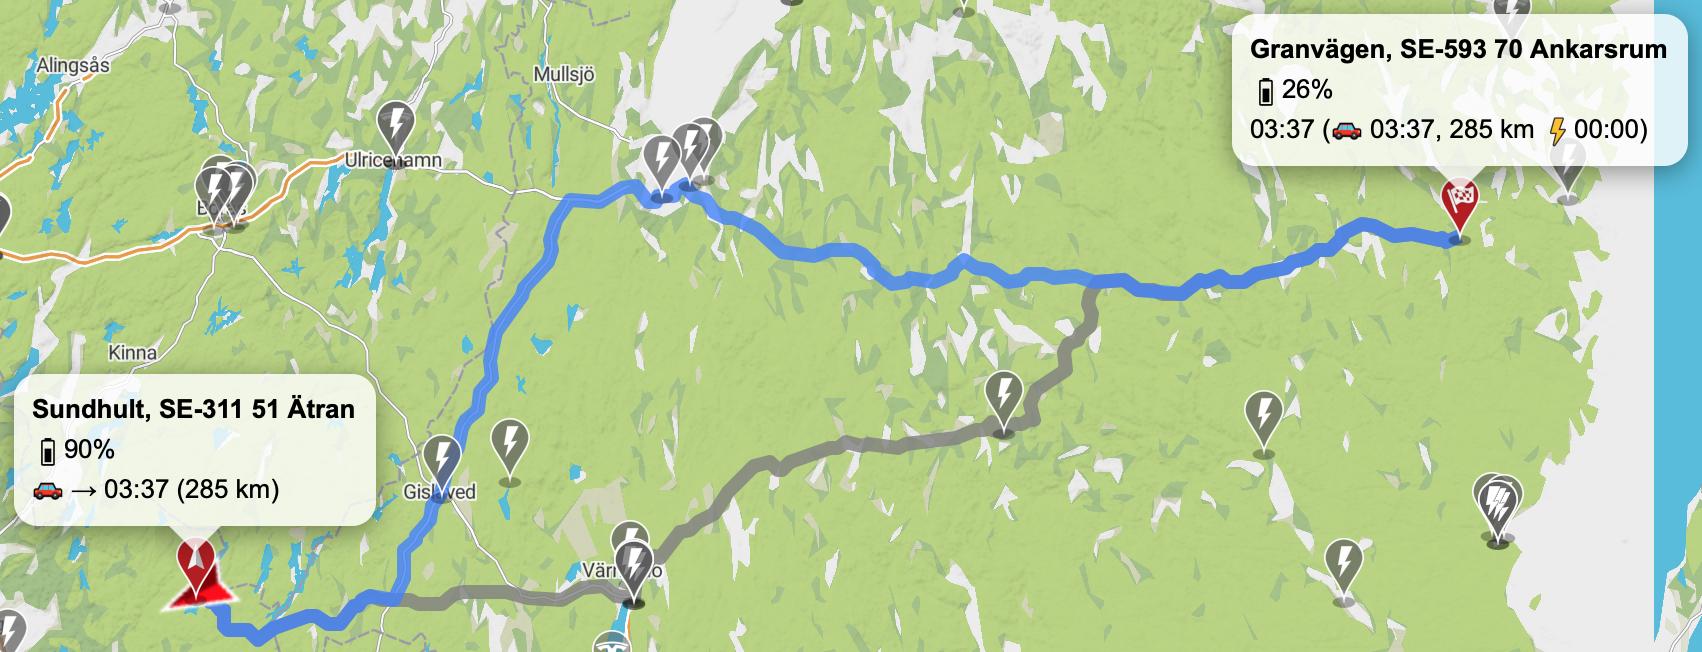 Tesla Model 3 LR resa till Ankarsum via Jönköping